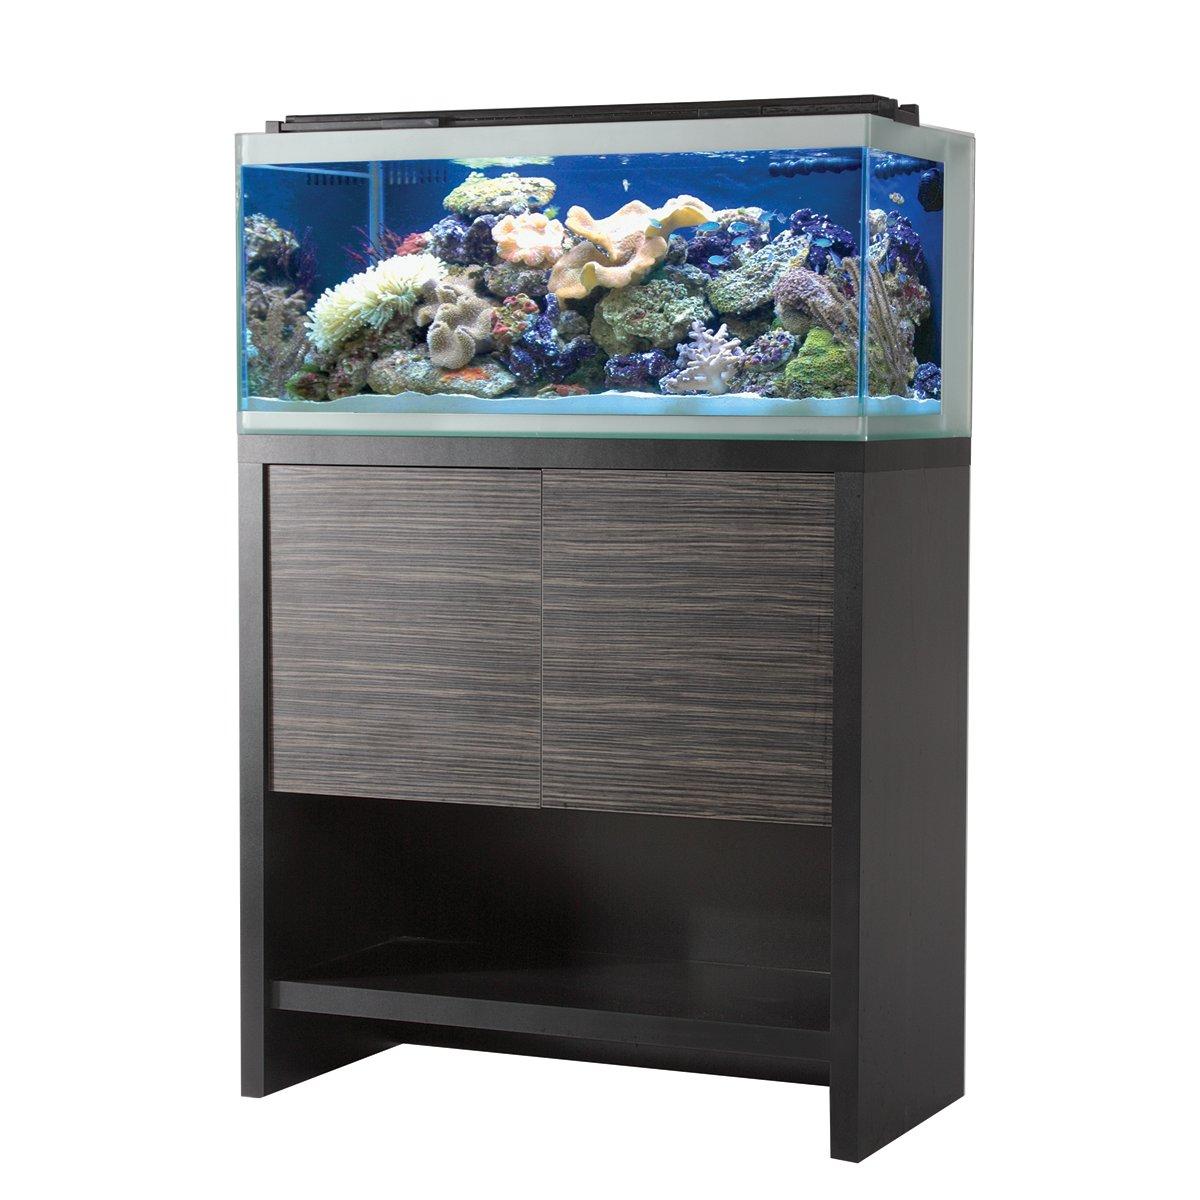 Fluval reef m90 aquarium set w black stand petco for Aquarium set